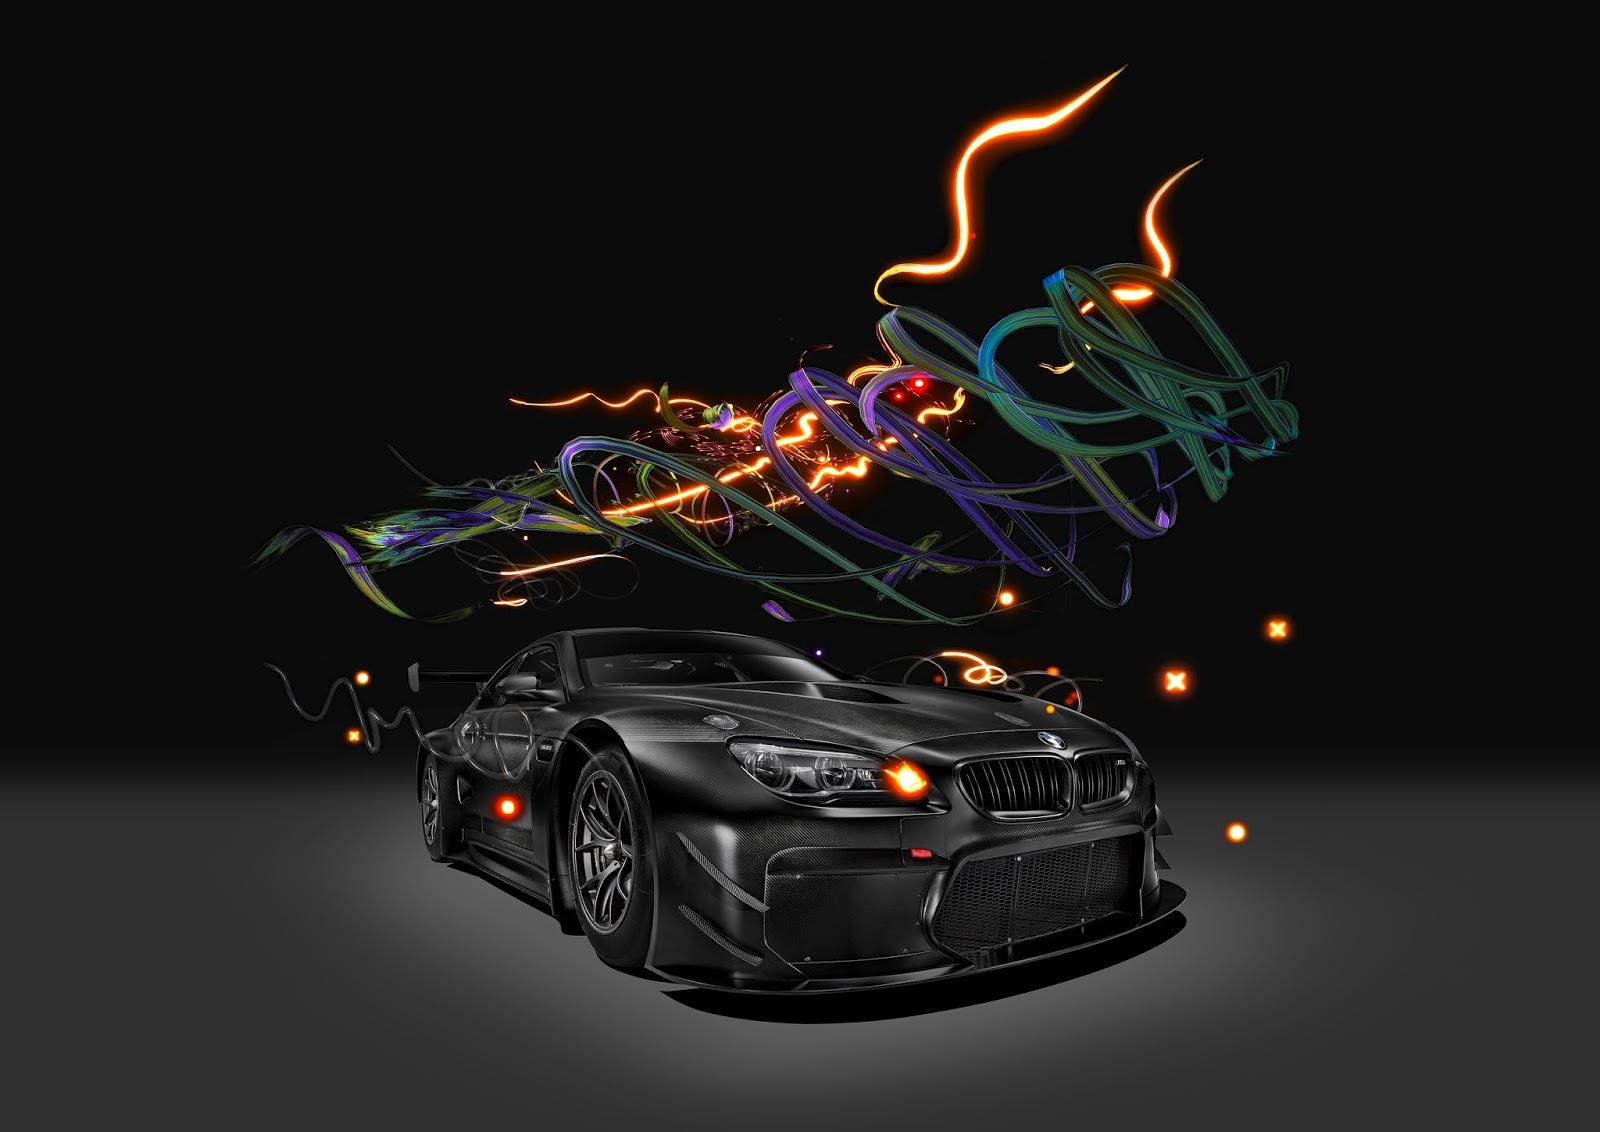 P90259905 highRes bmw art car 18 by ca Μια BMW M6 GT3 το πρώτο ψηφιακό Art Car Art, BMW, Bmw Art Car, BMW M6 GT3